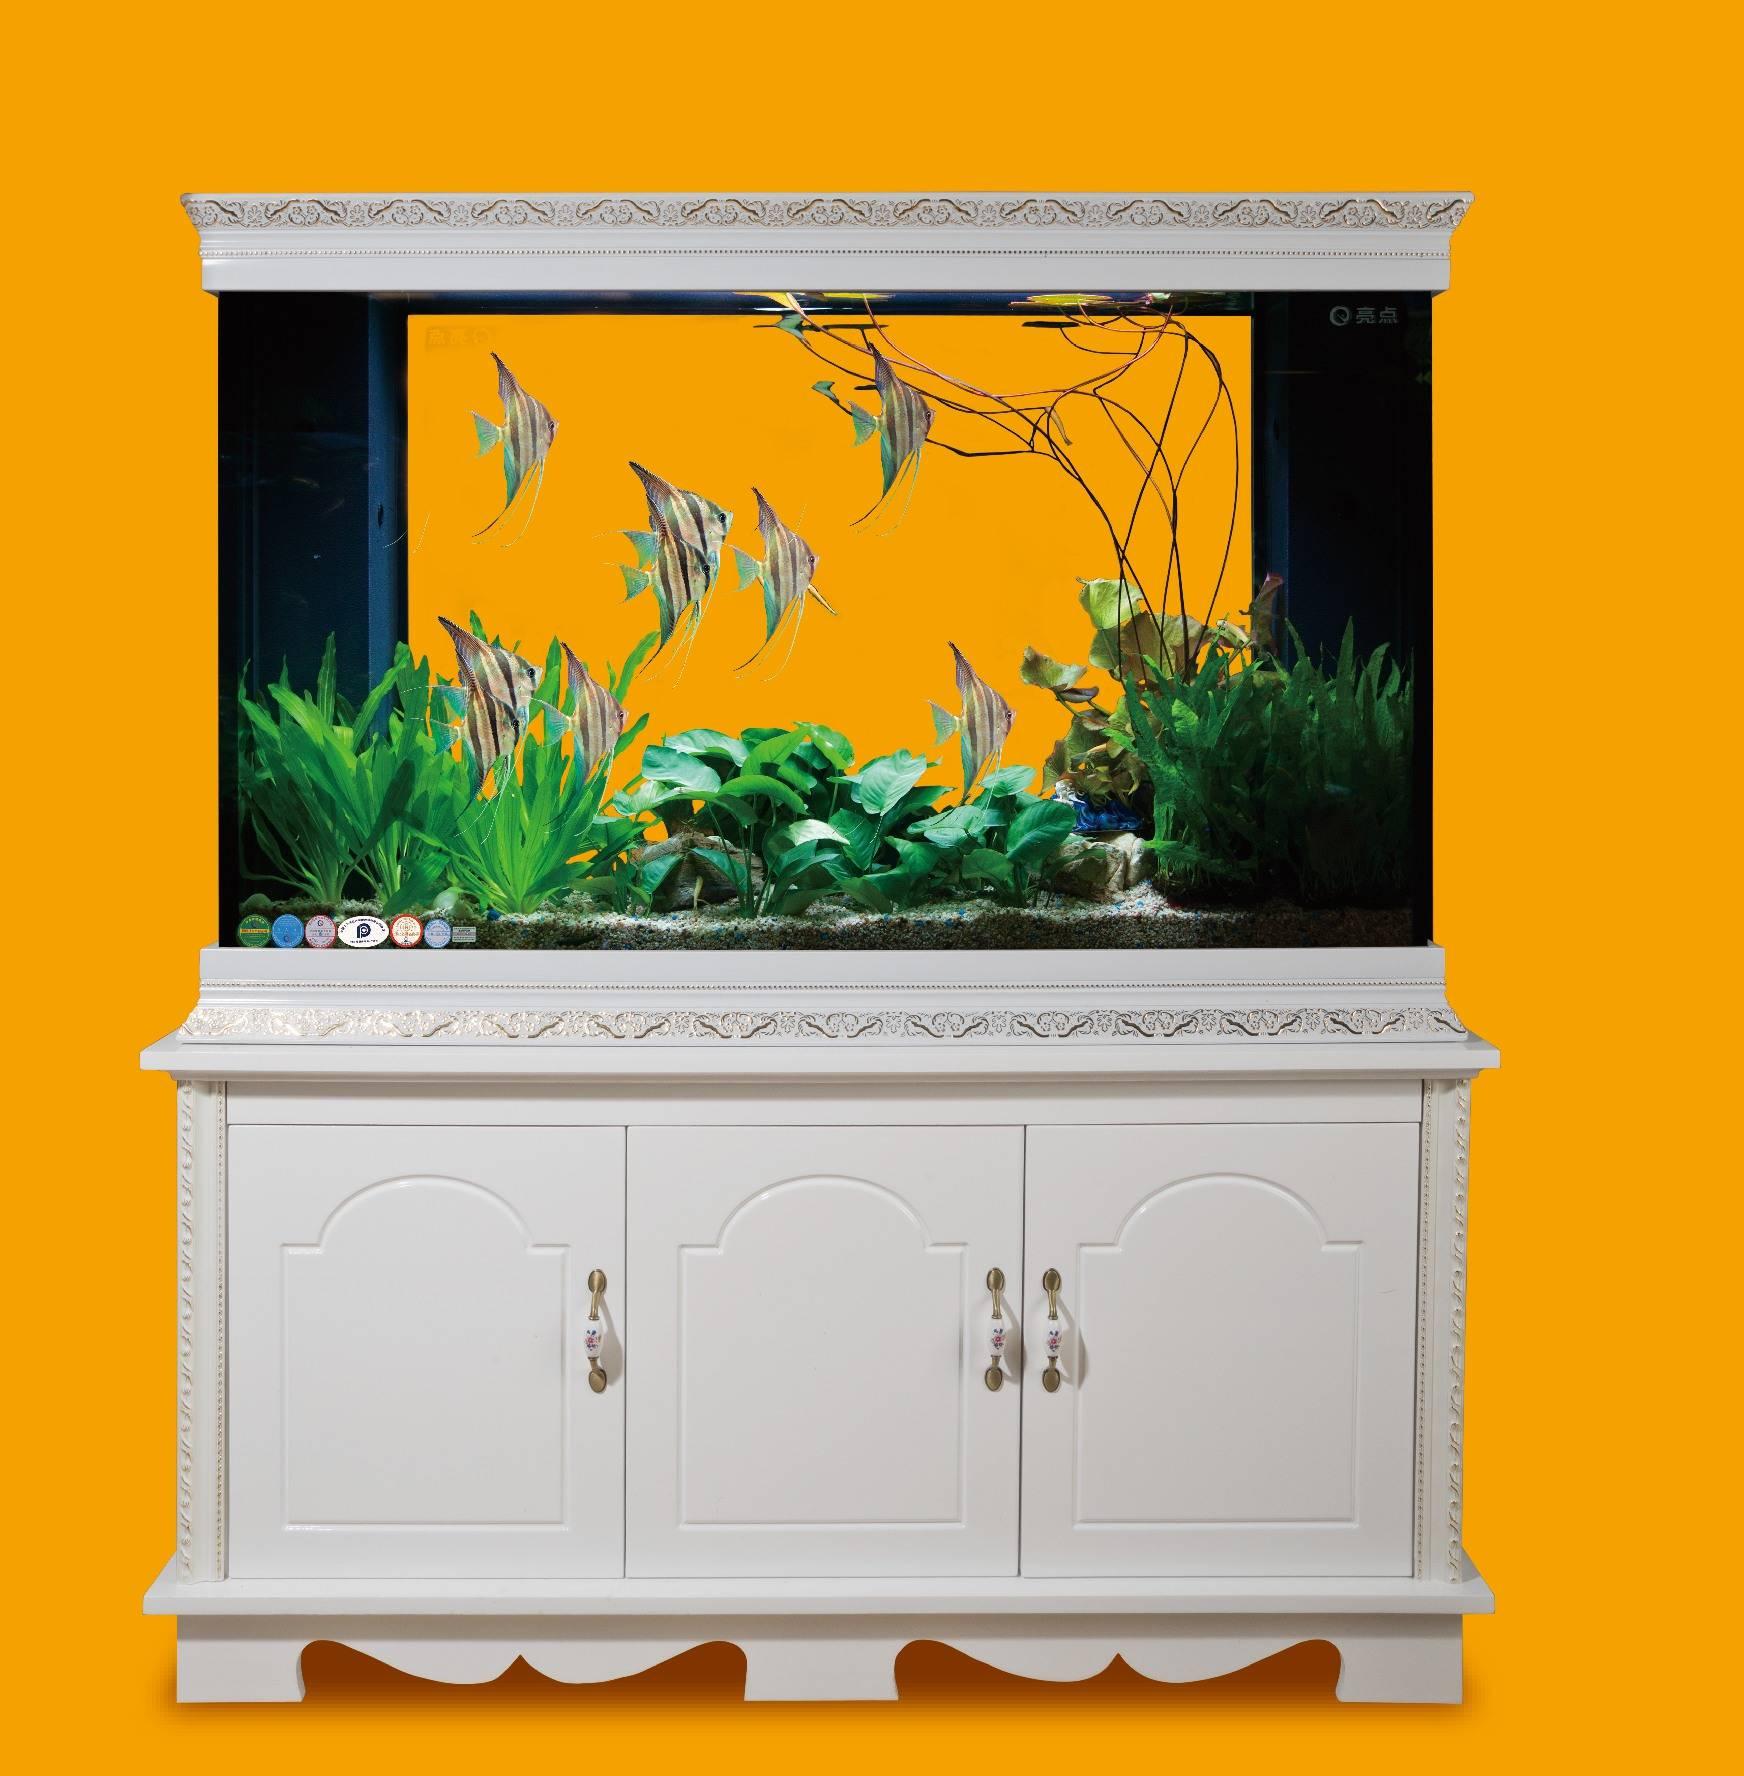 Monterey pine 3-view cabinet aquarium